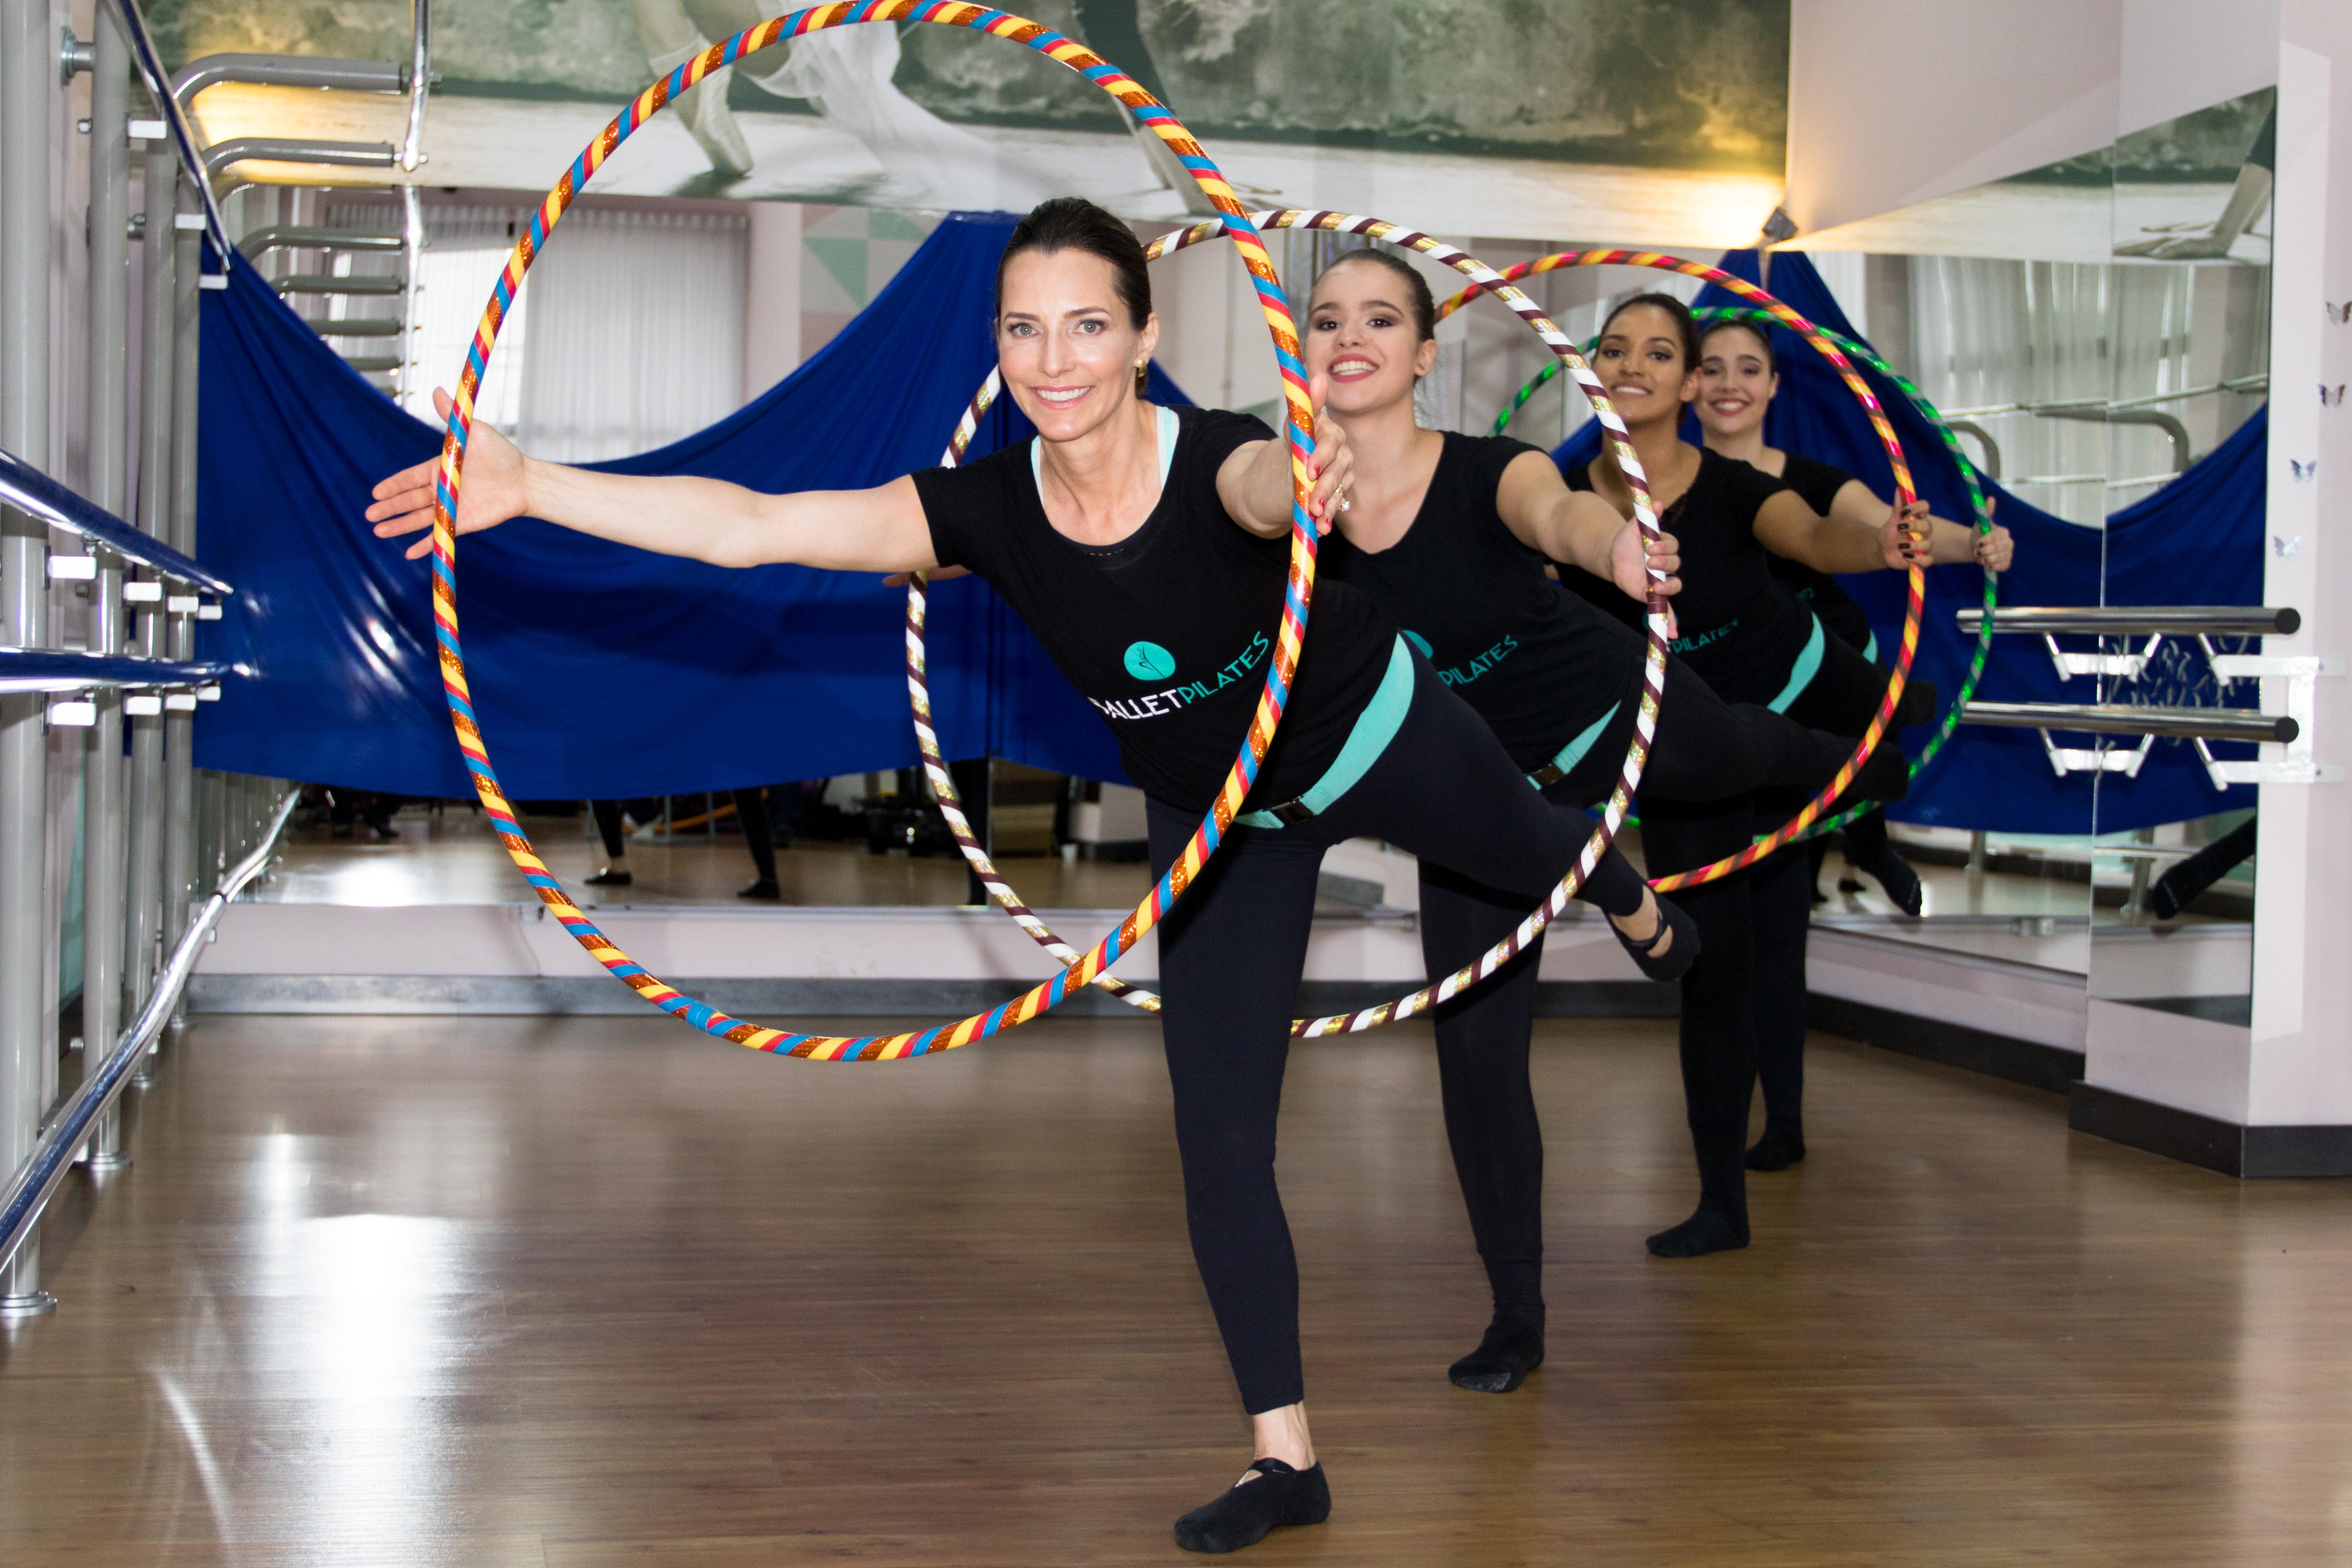 Alunas do ballet pilates usando o bamballet